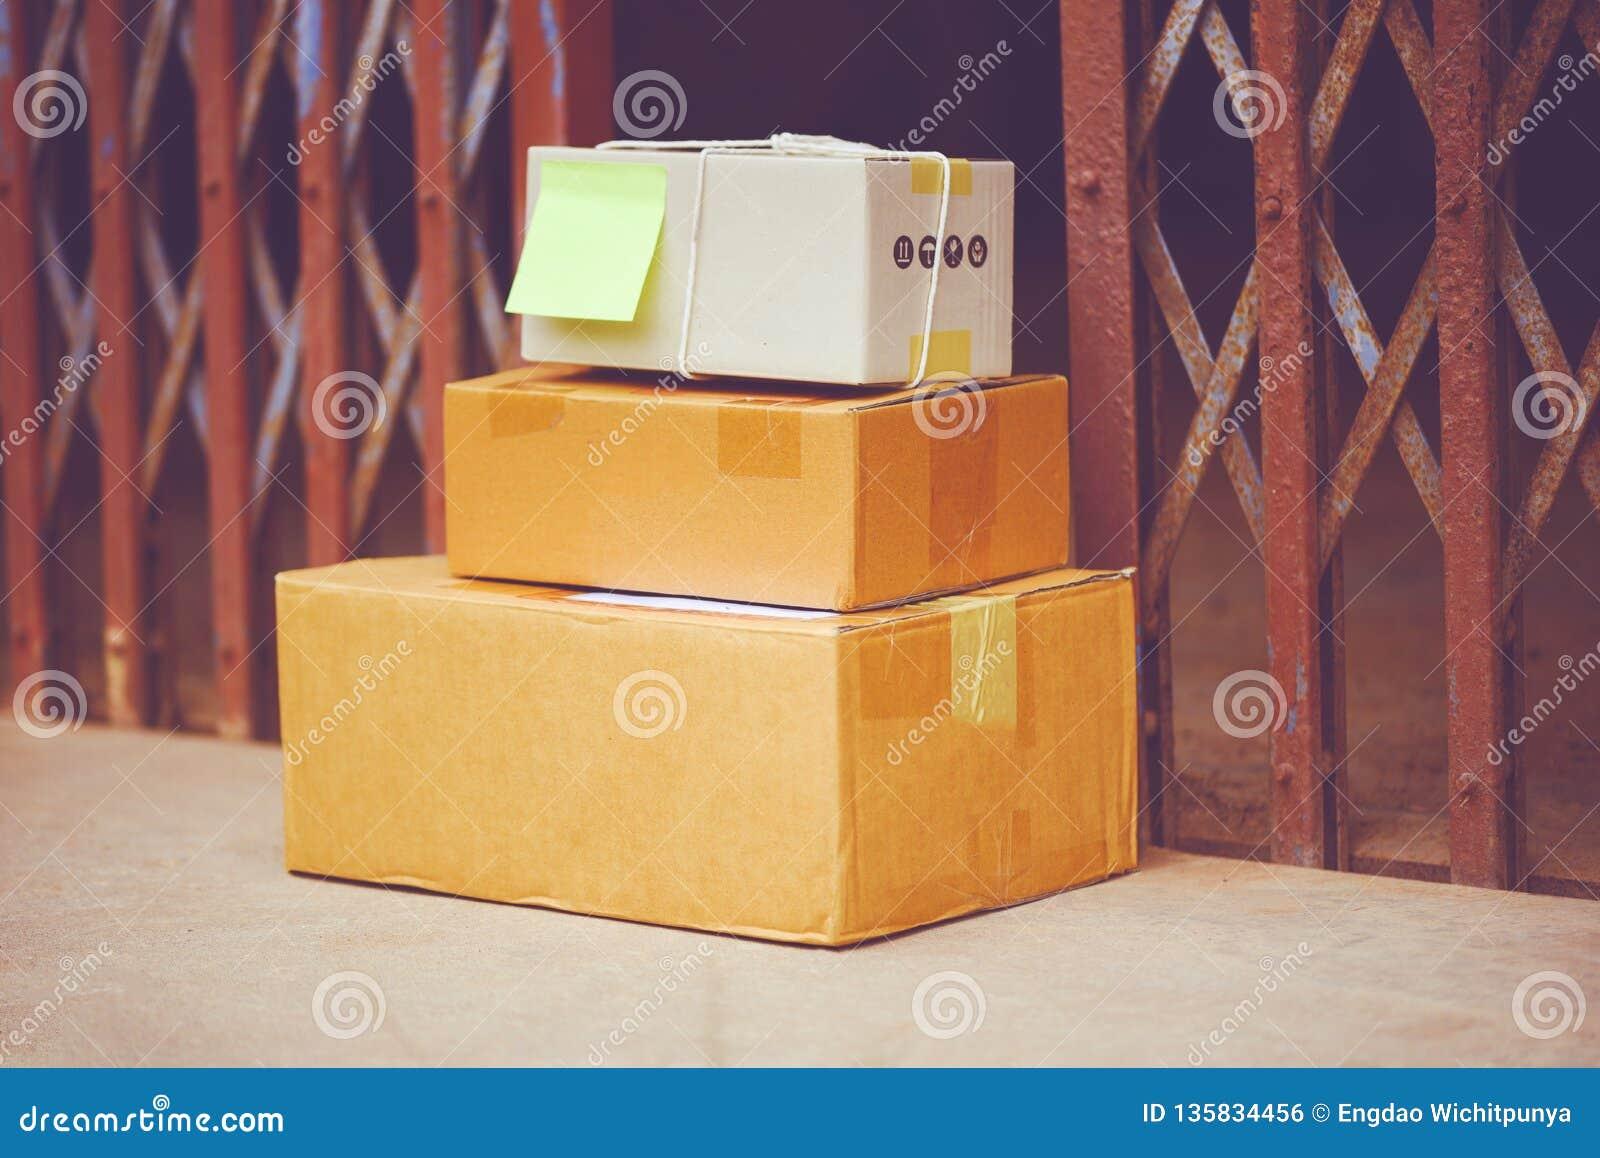 La livraison de commerce électronique faisant des emplettes en ligne et concept d ordre - colis livrés sur le plancher près de l